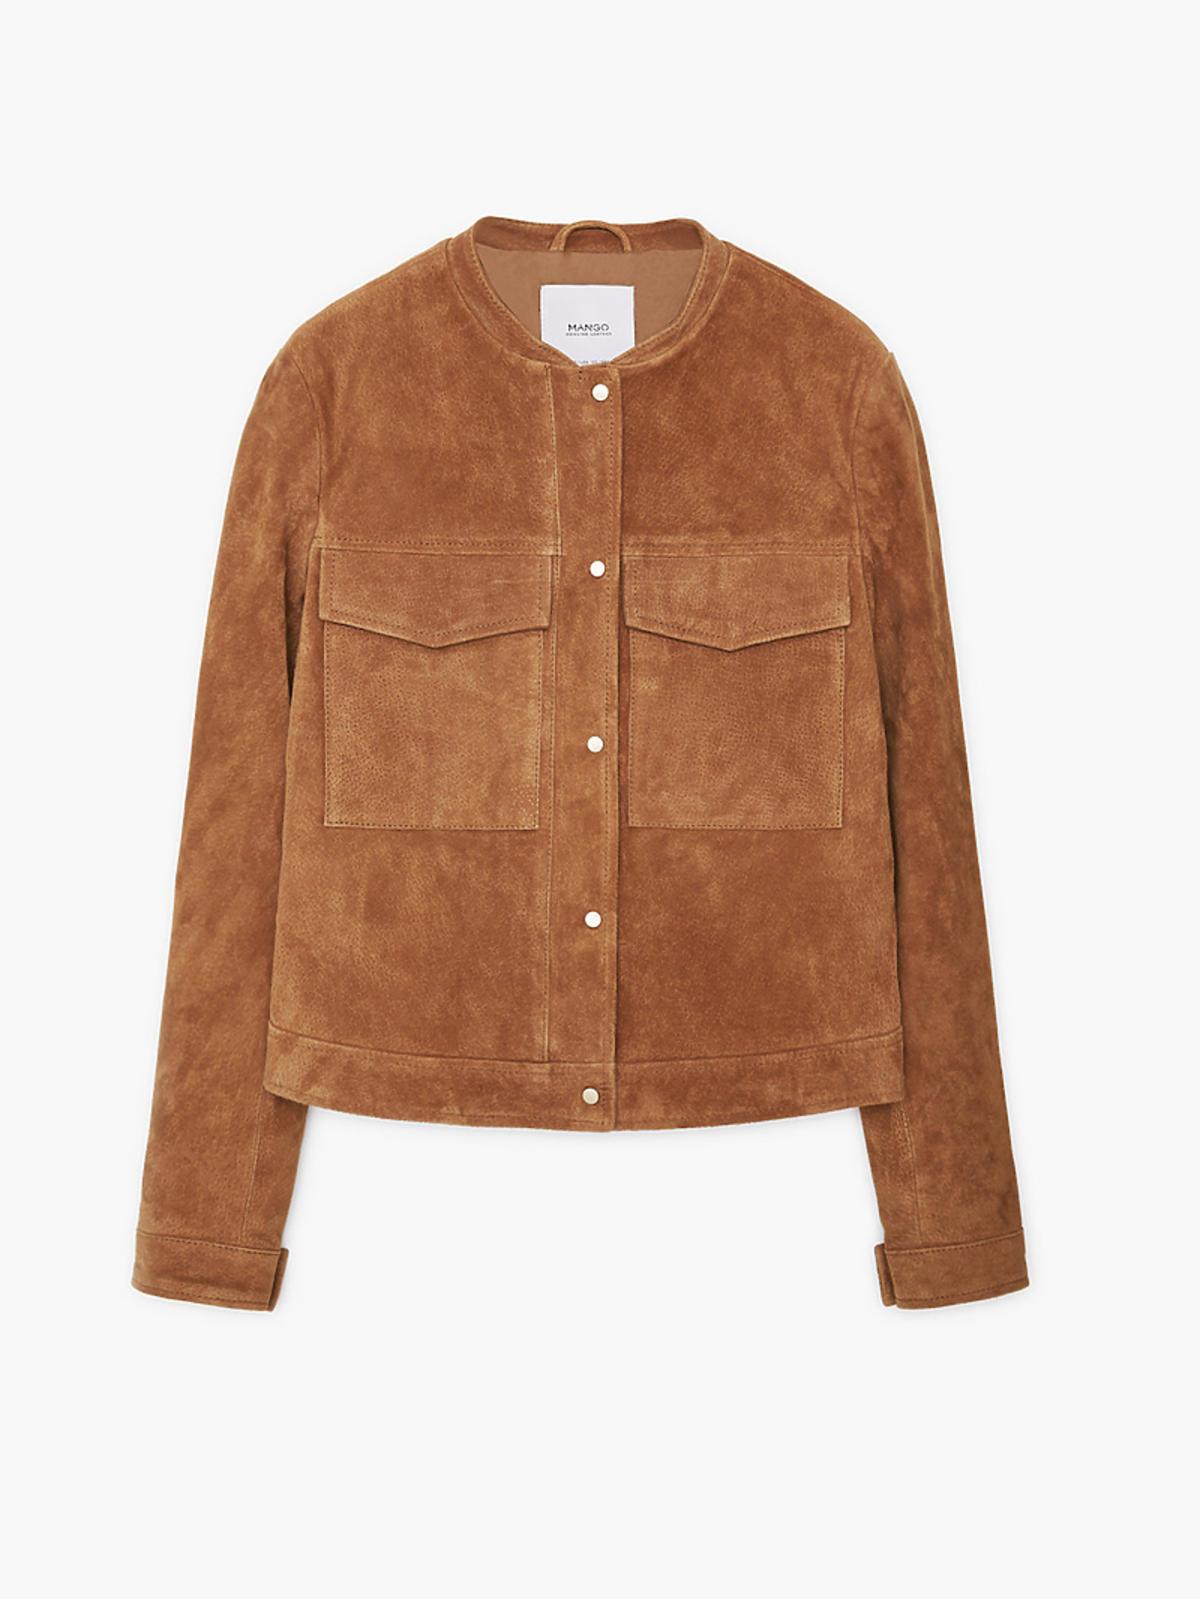 Zamszowa kurtka marki Mango, 299,90 zł